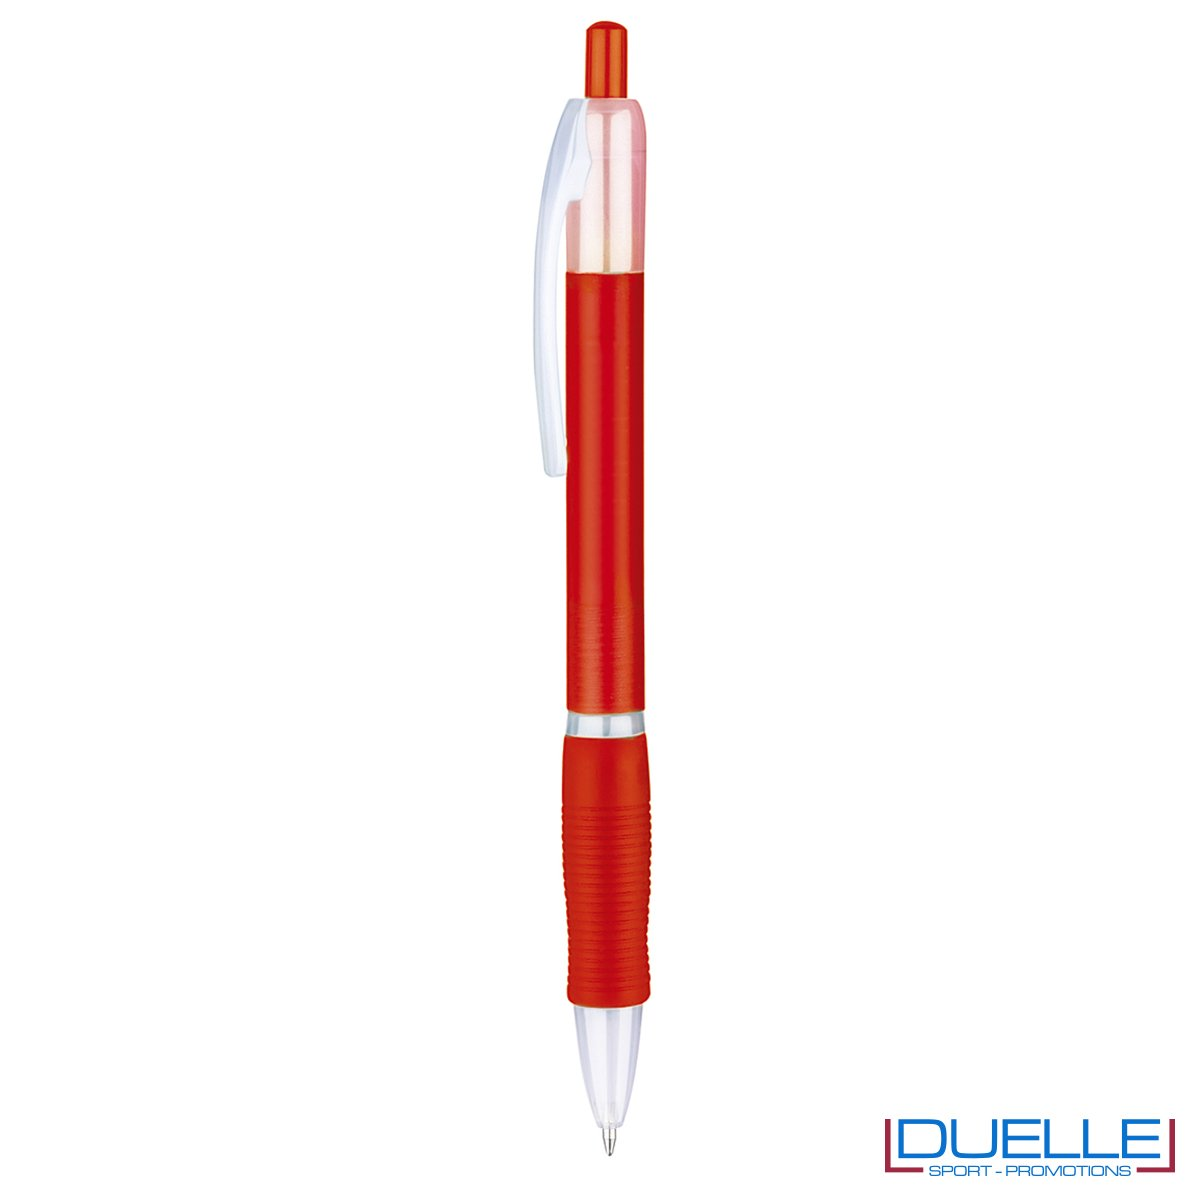 penna personalizzabile economica in colore rosso fusto frost, offerta penne economiche personalizzabili in colore rosso fusto frost